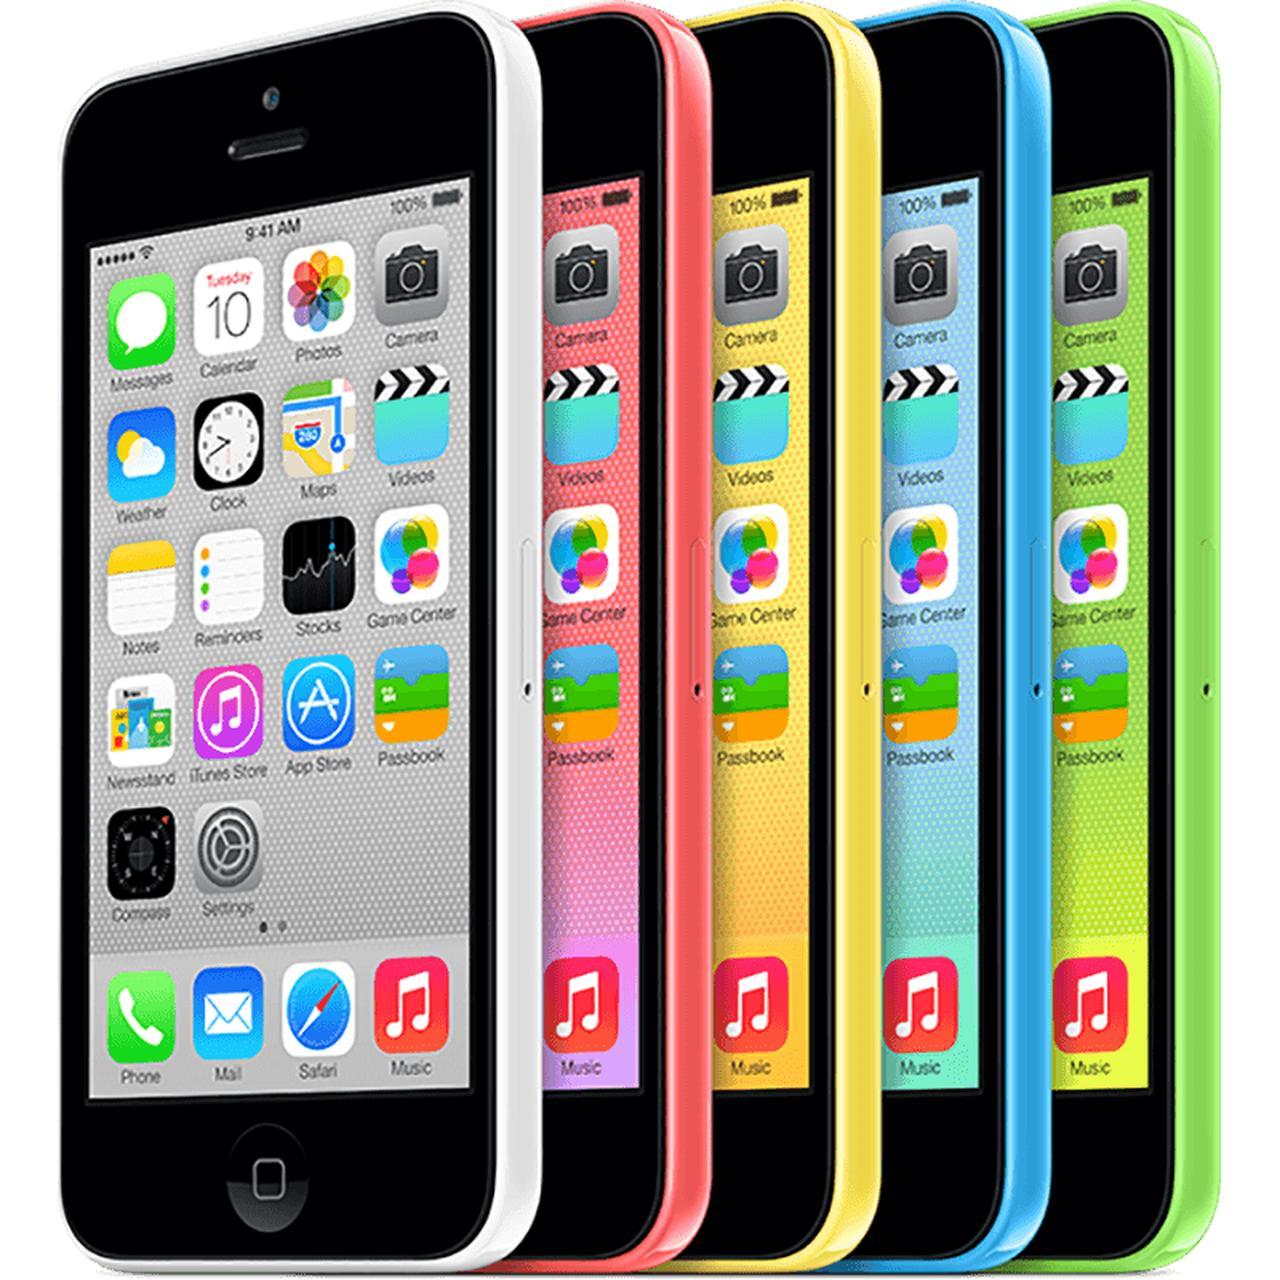 Điện Thoại Giá Rẻ Apple IPHONE 5 C - 8GB - Bảo Hành 12T - Thế Giới Táo Khuyết Giá Siêu Rẻ